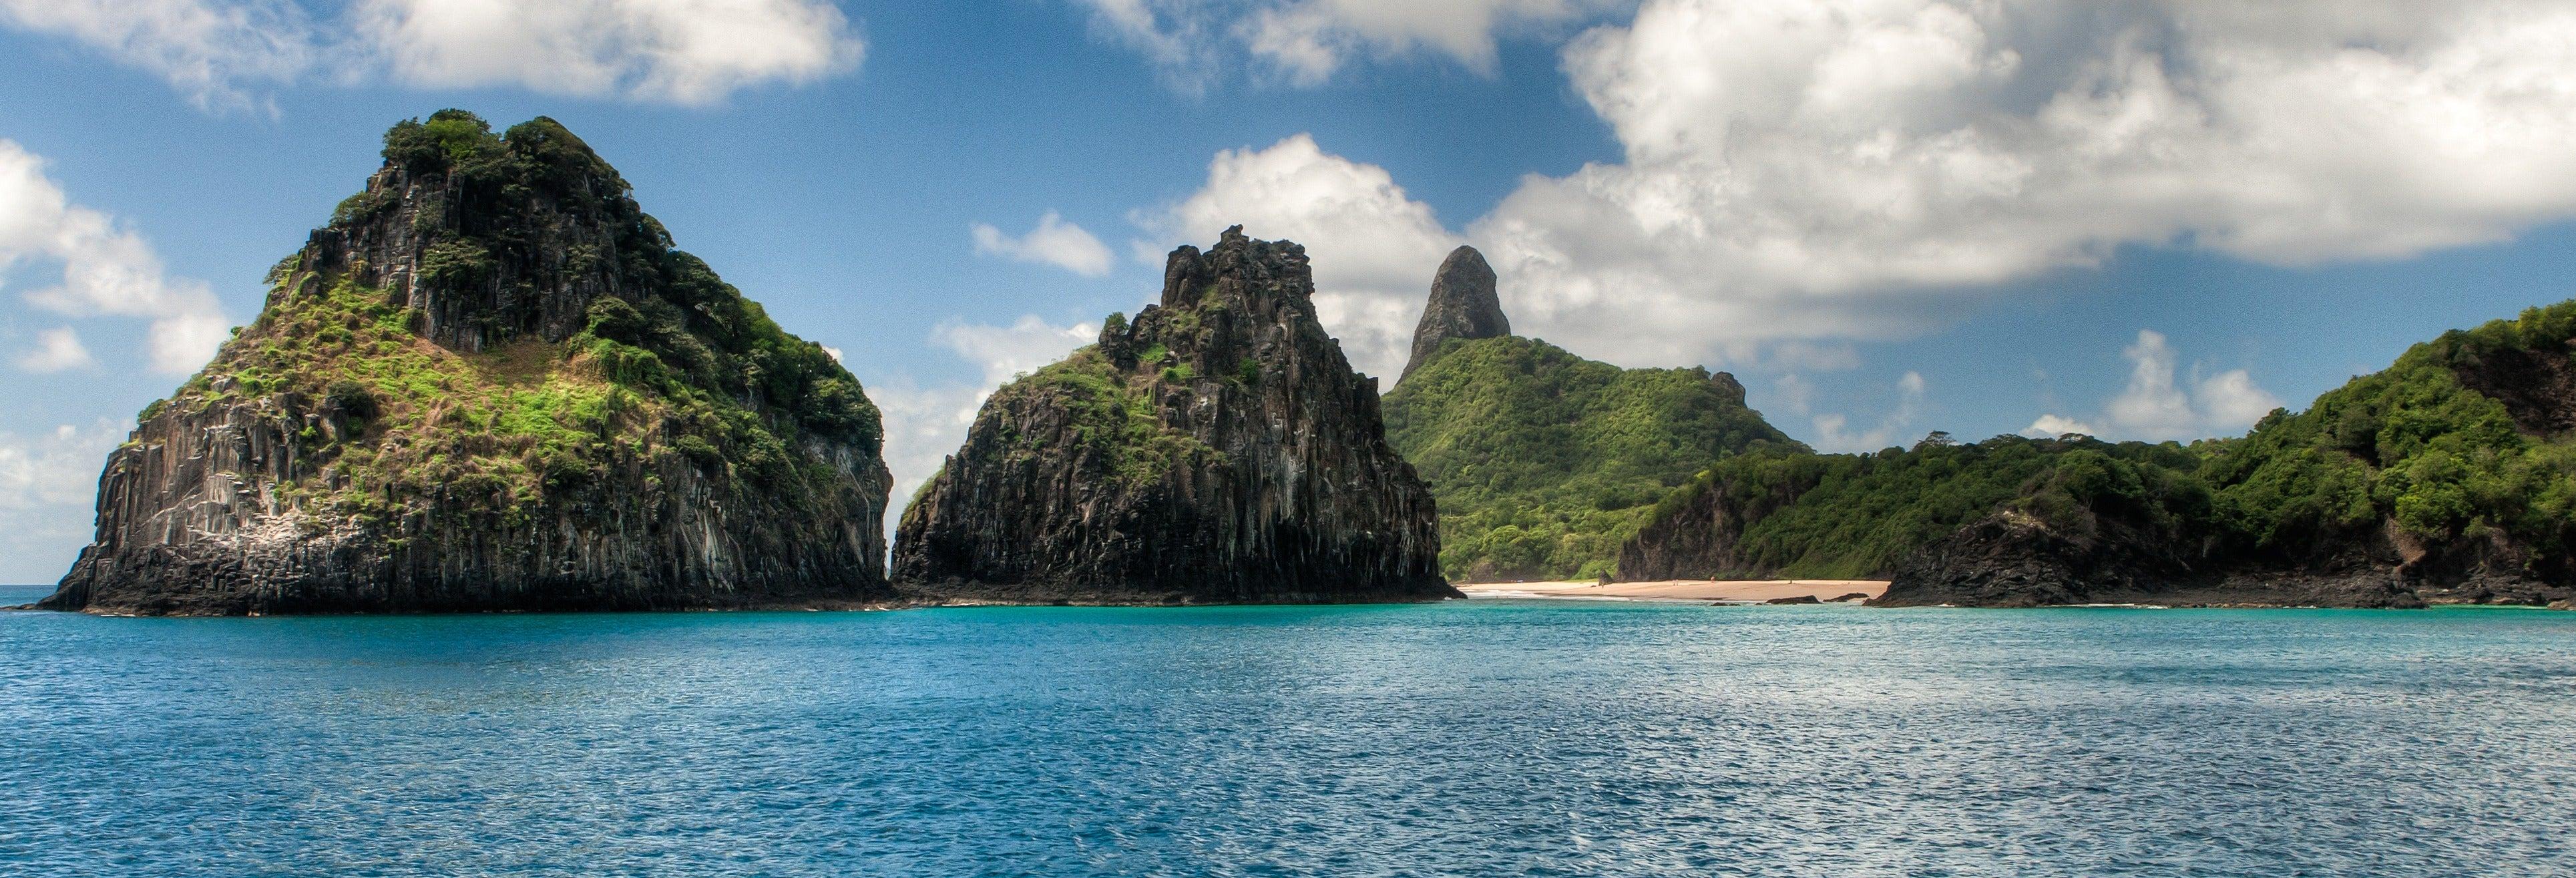 Tour de canoa havaiana por Fernando de Noronha